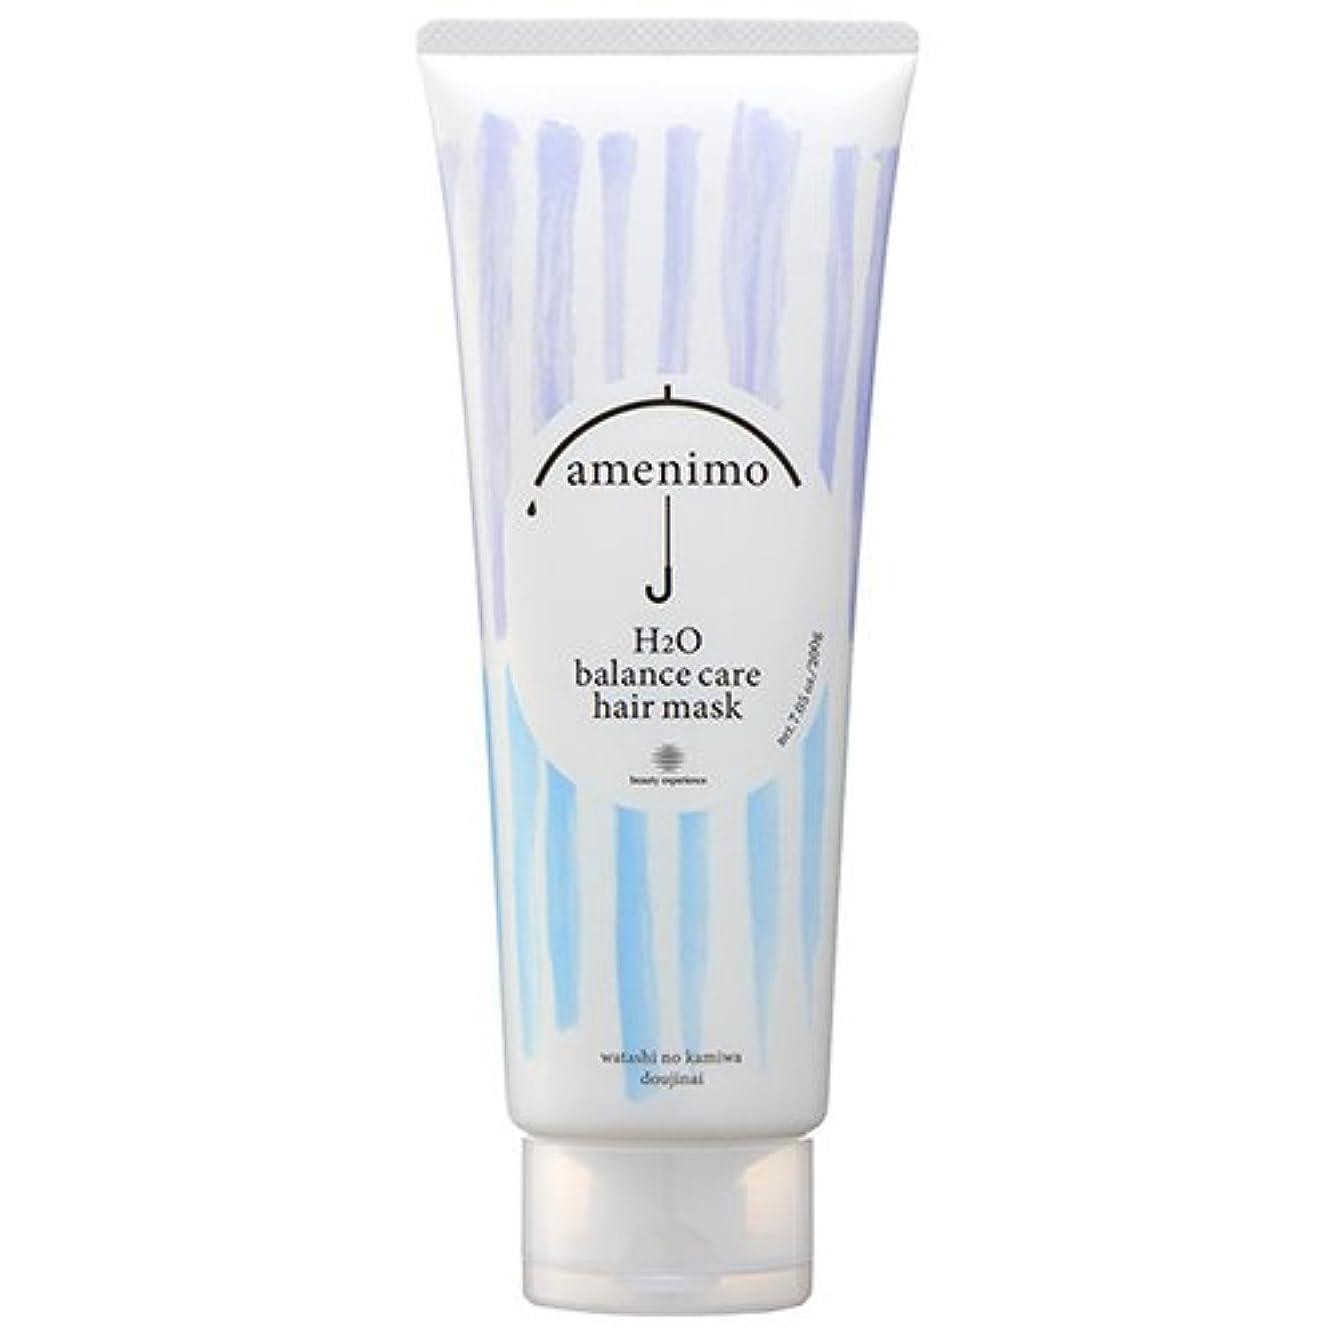 多様体以内にベースamenimo(アメニモ) H2O バランスケア ヘアマスク 200g